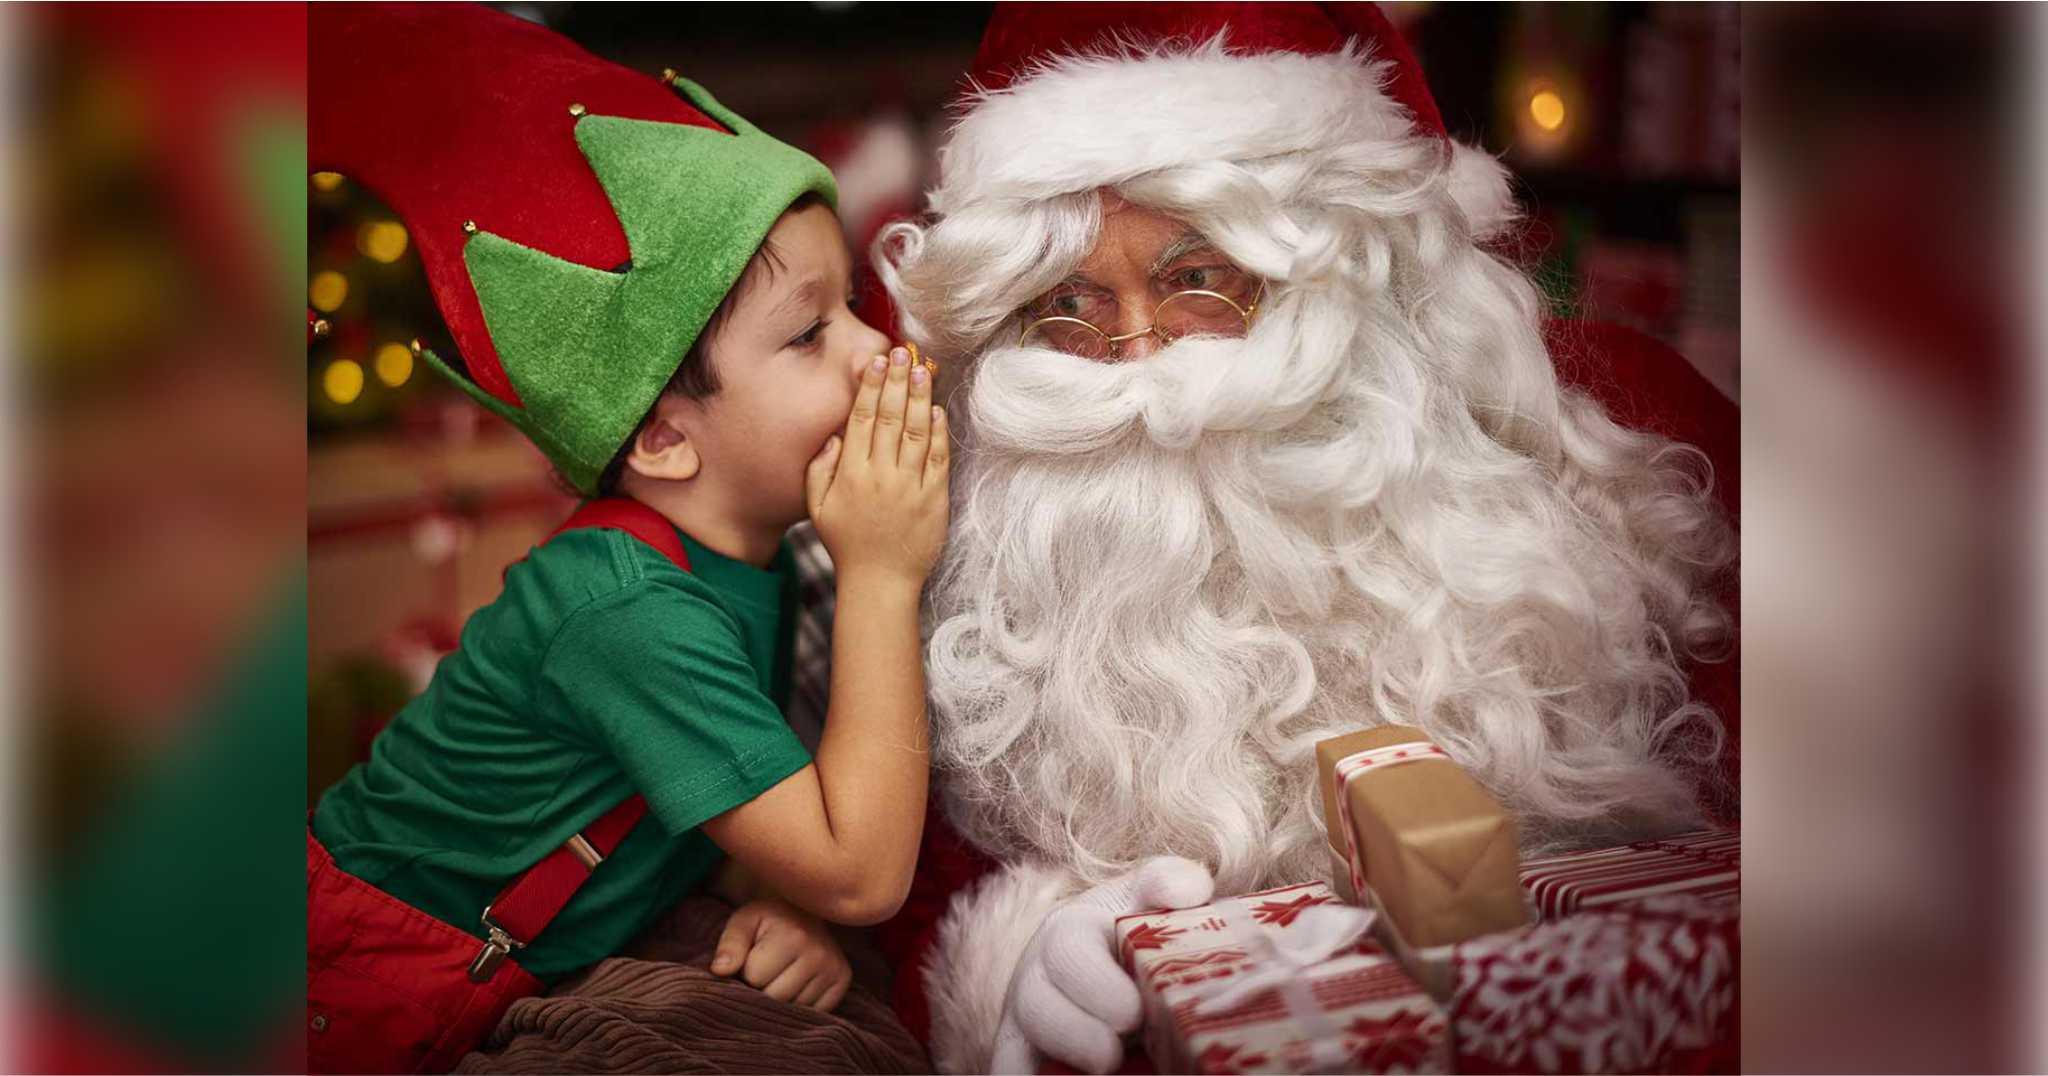 Ο Άγιος Βασίλης στέλνει γράμματα στα παιδιά!